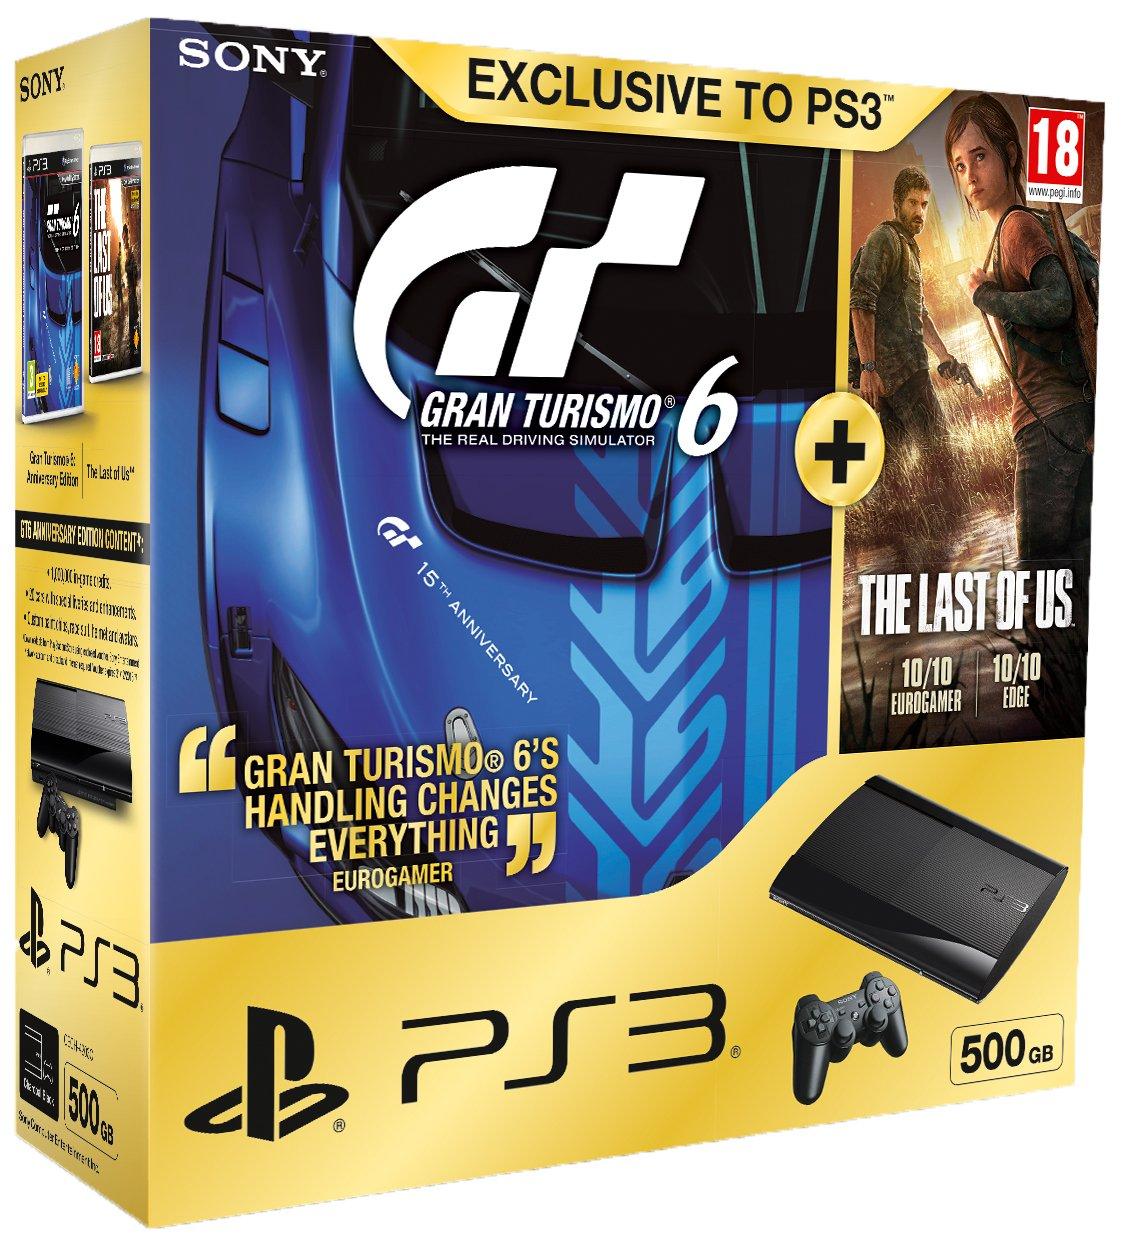 Sony PS3 500GB Super Slim Console with Gran Turismo 6 Plus